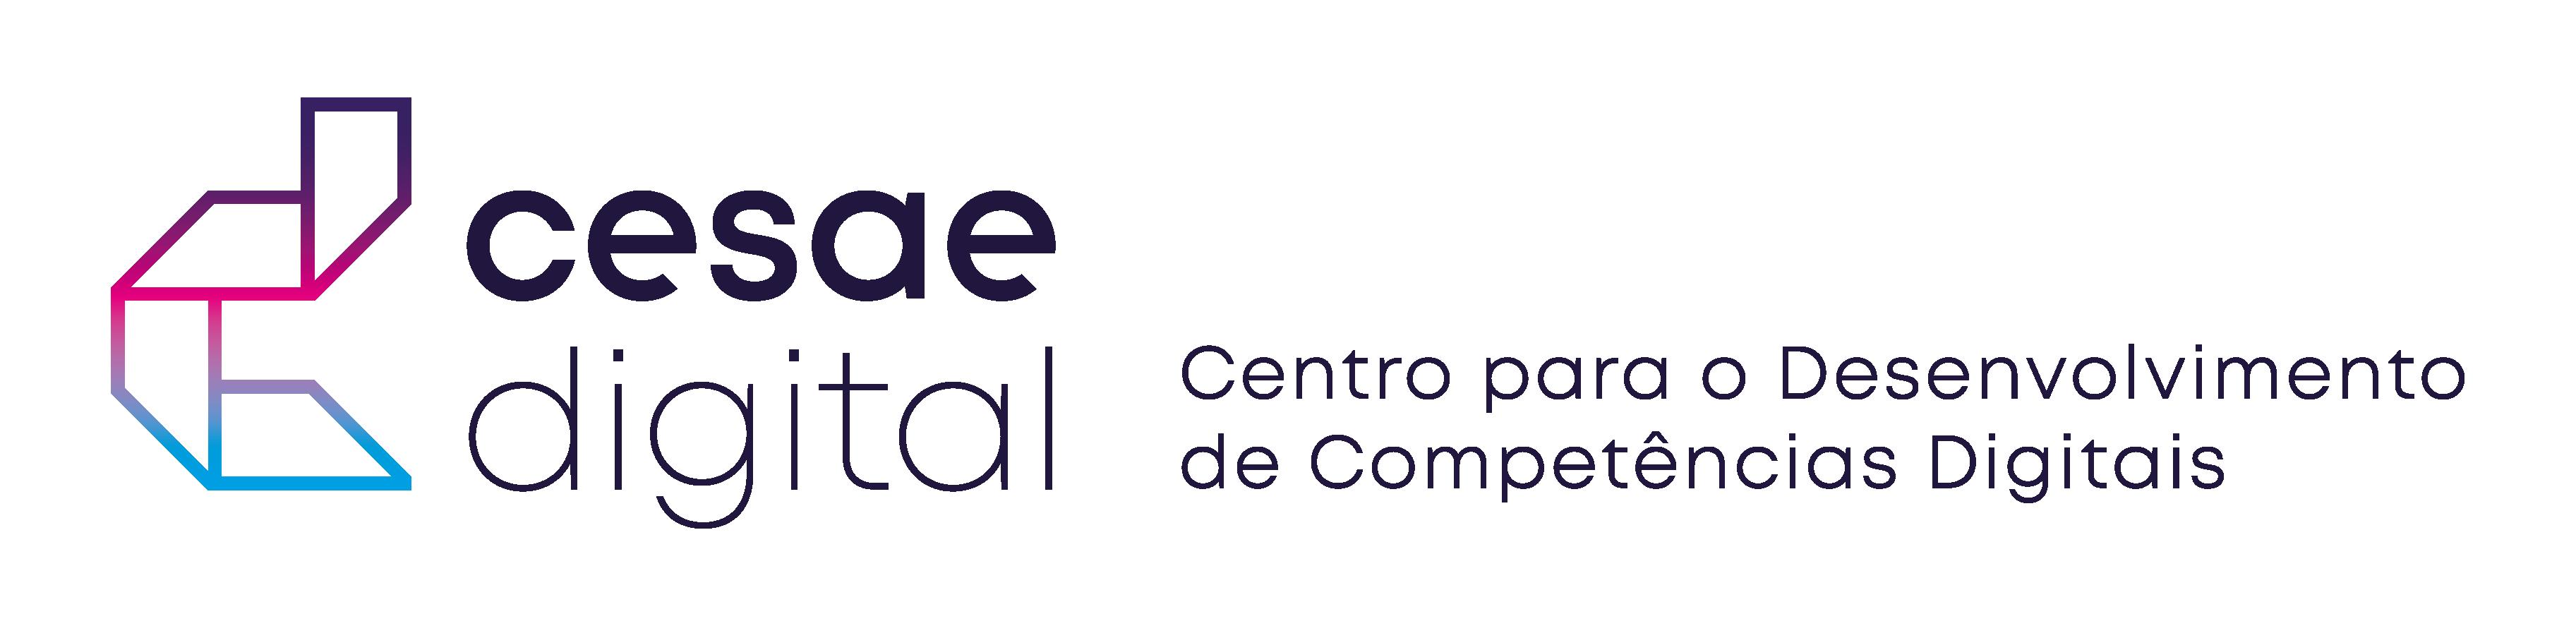 Cesae Digital - Centro para o Desenvolvimento de Competências Digitais